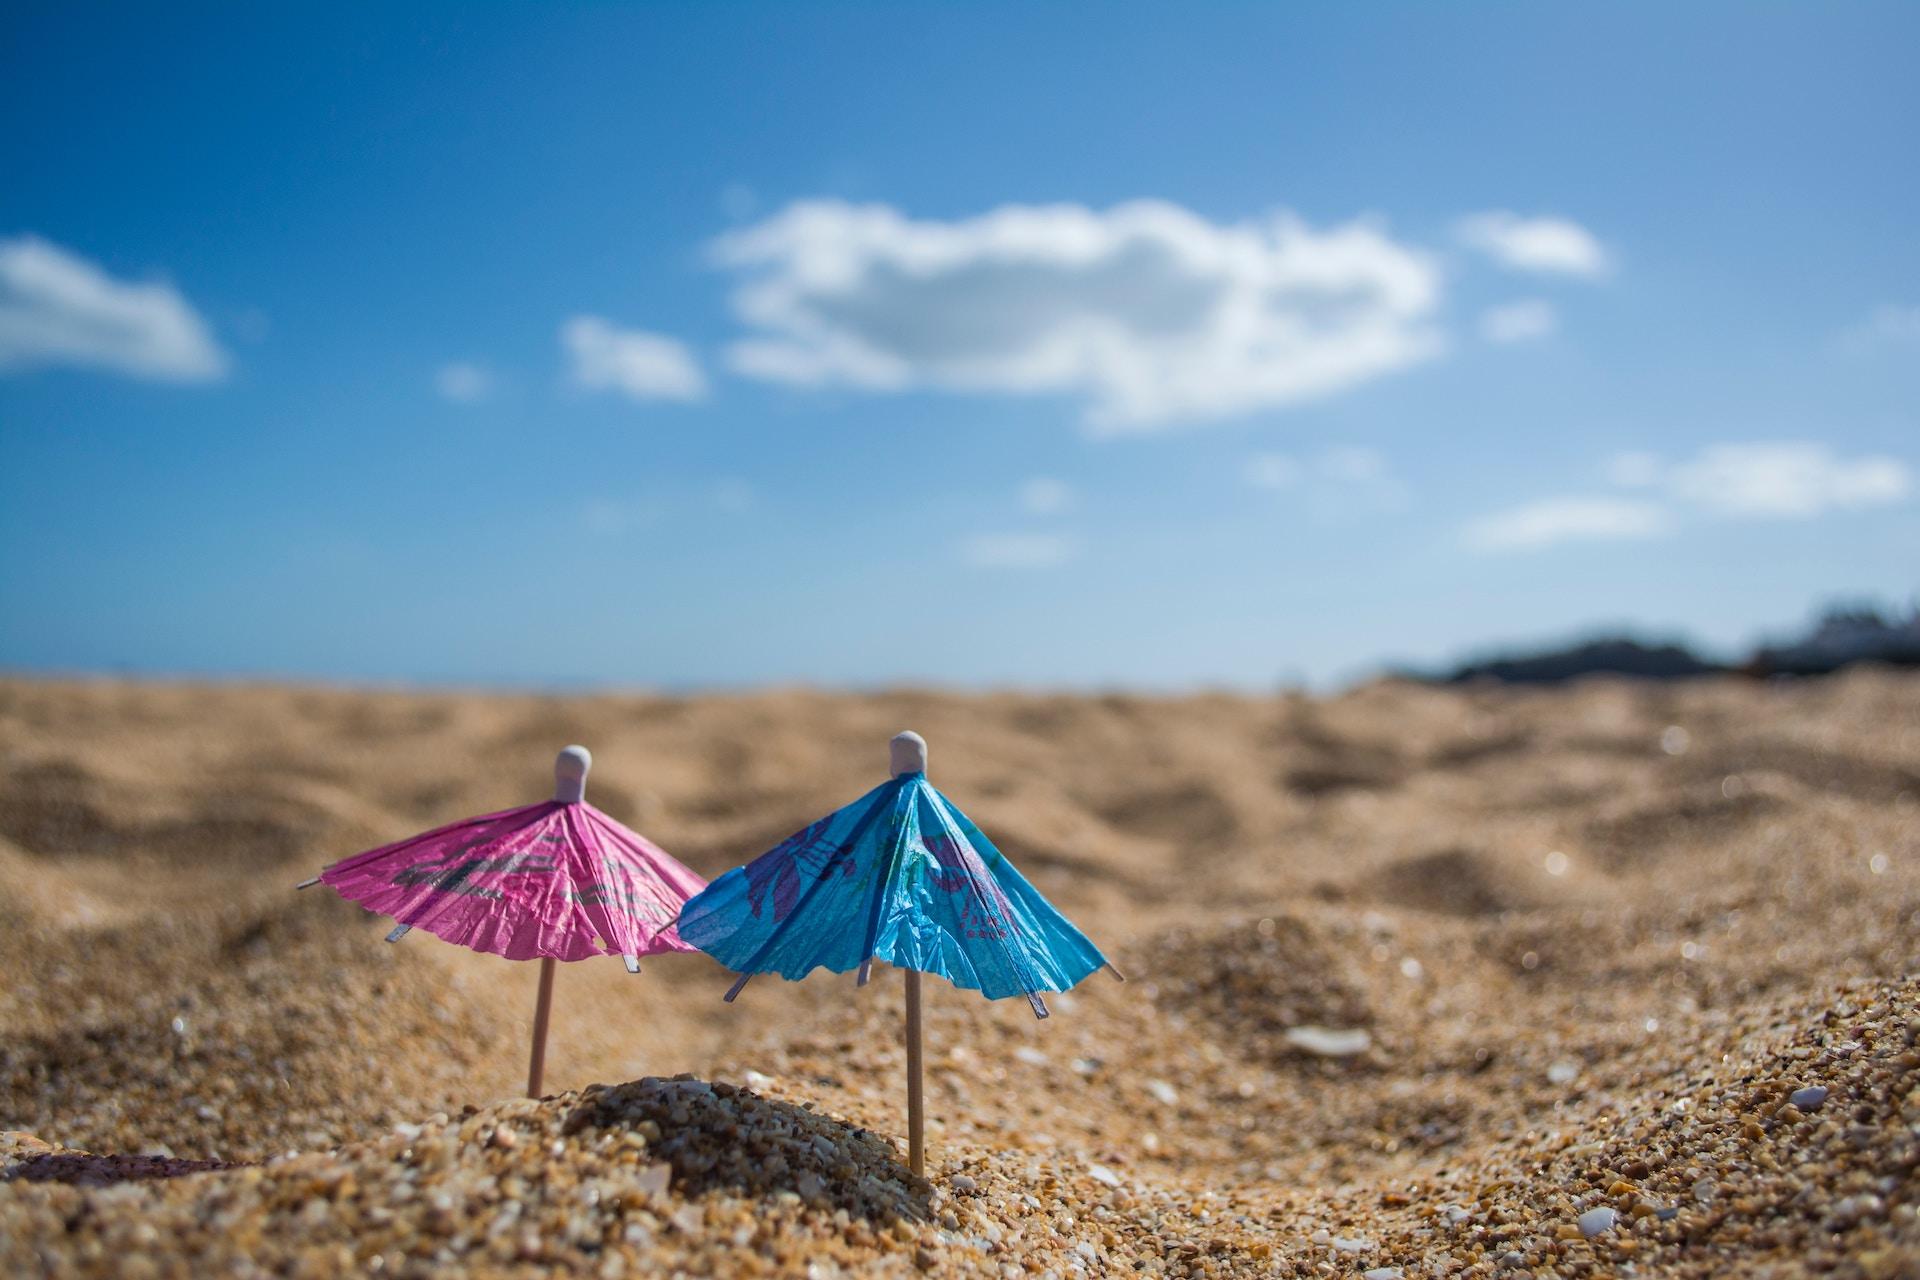 little drink umbrellas in sand.jpg